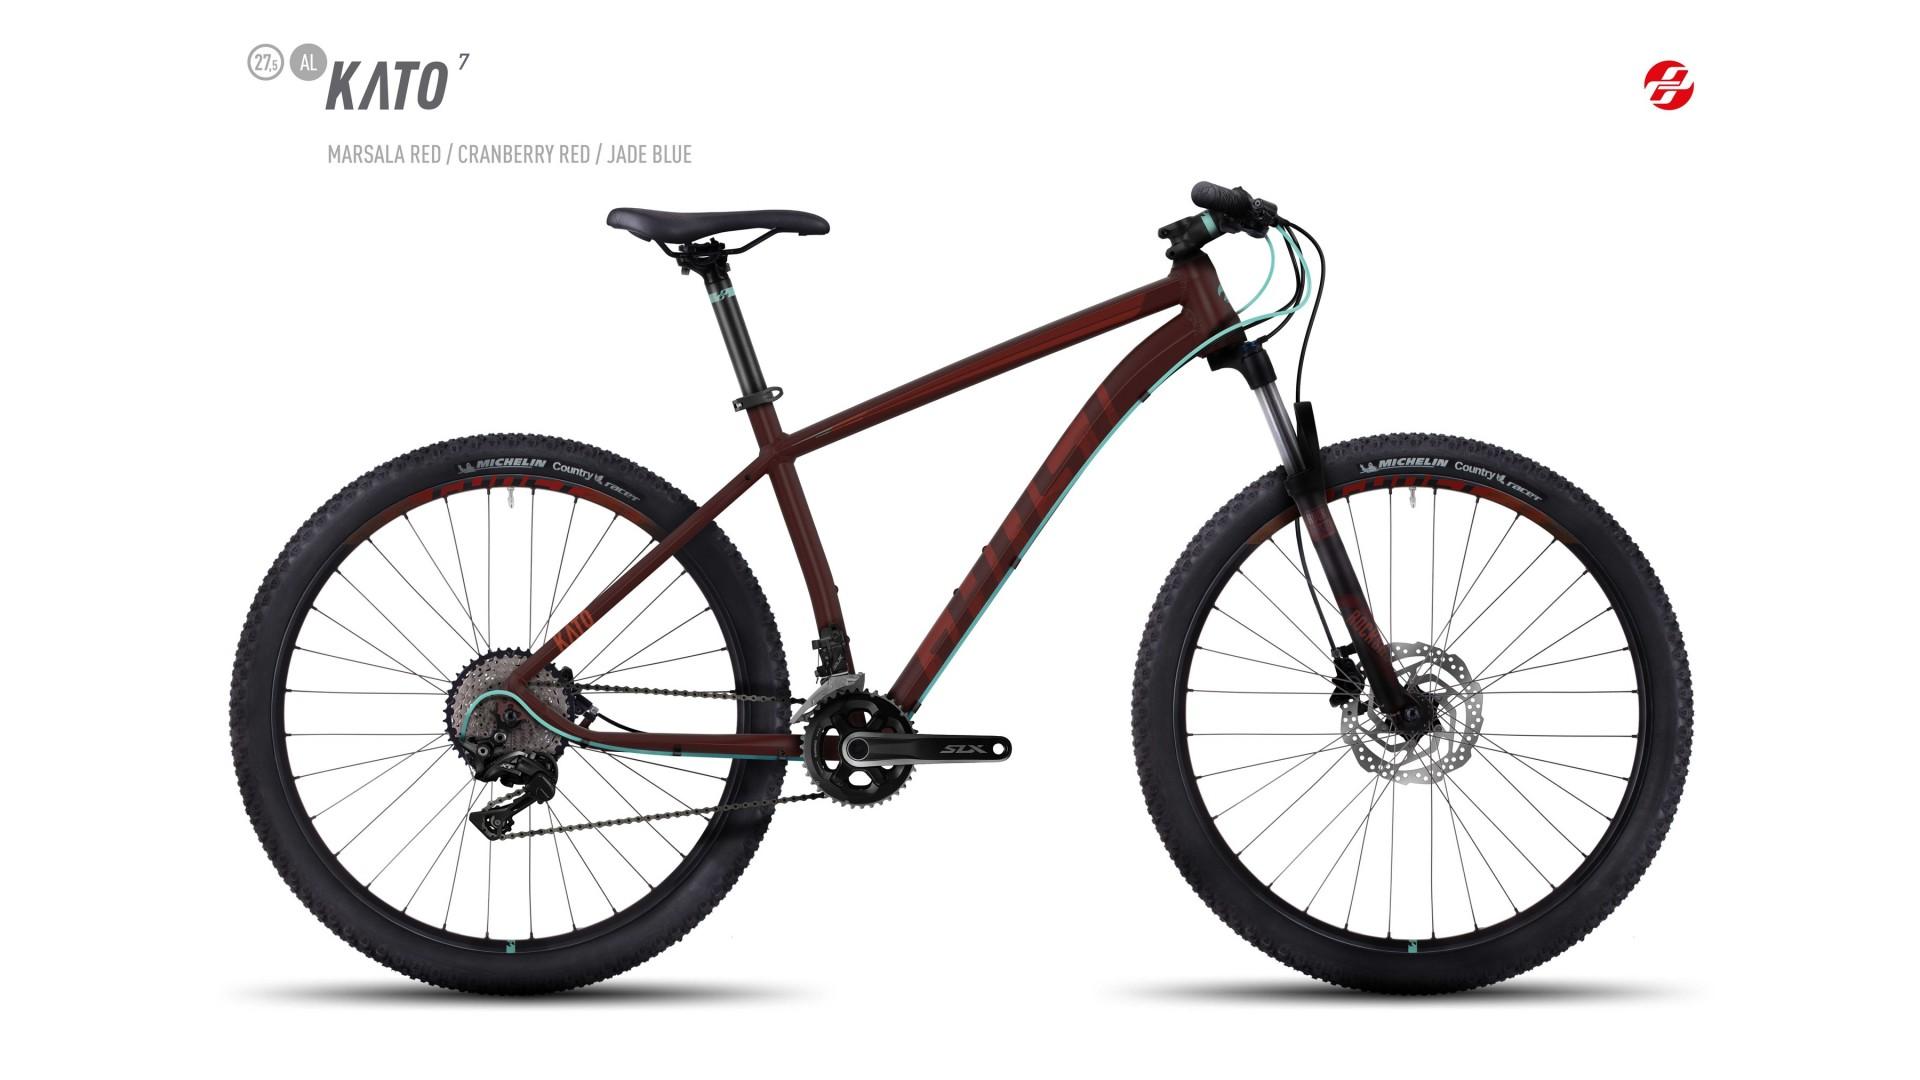 Велосипед GHOST Kato 7 AL 27.5 marsalared/cranberryred/jadeblue год 2017